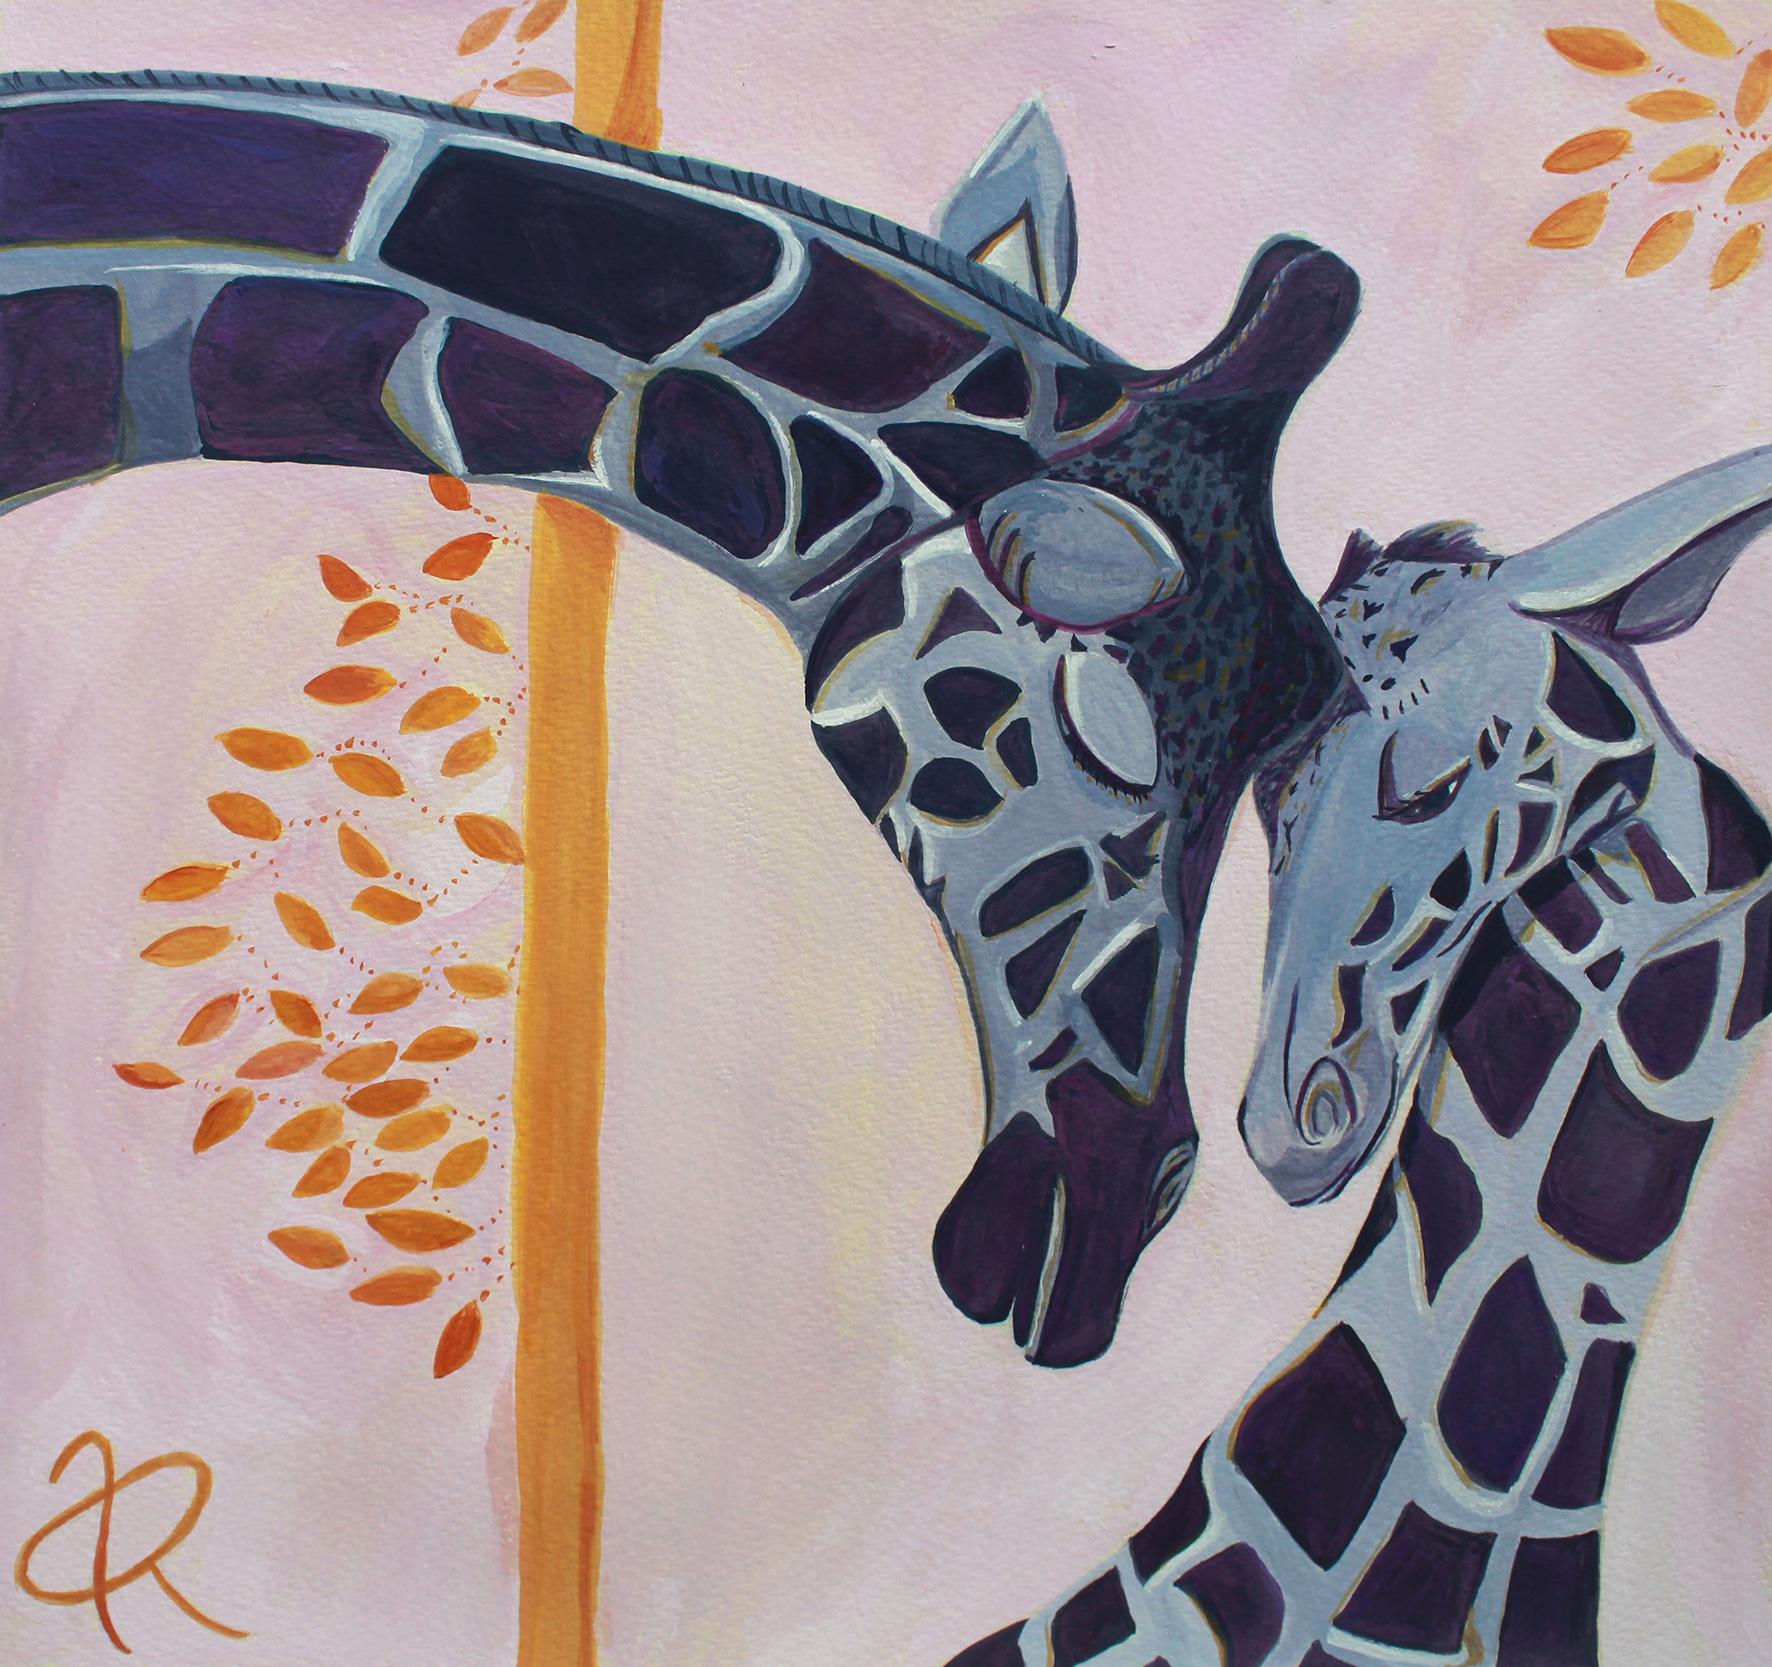 Kira's giraffes